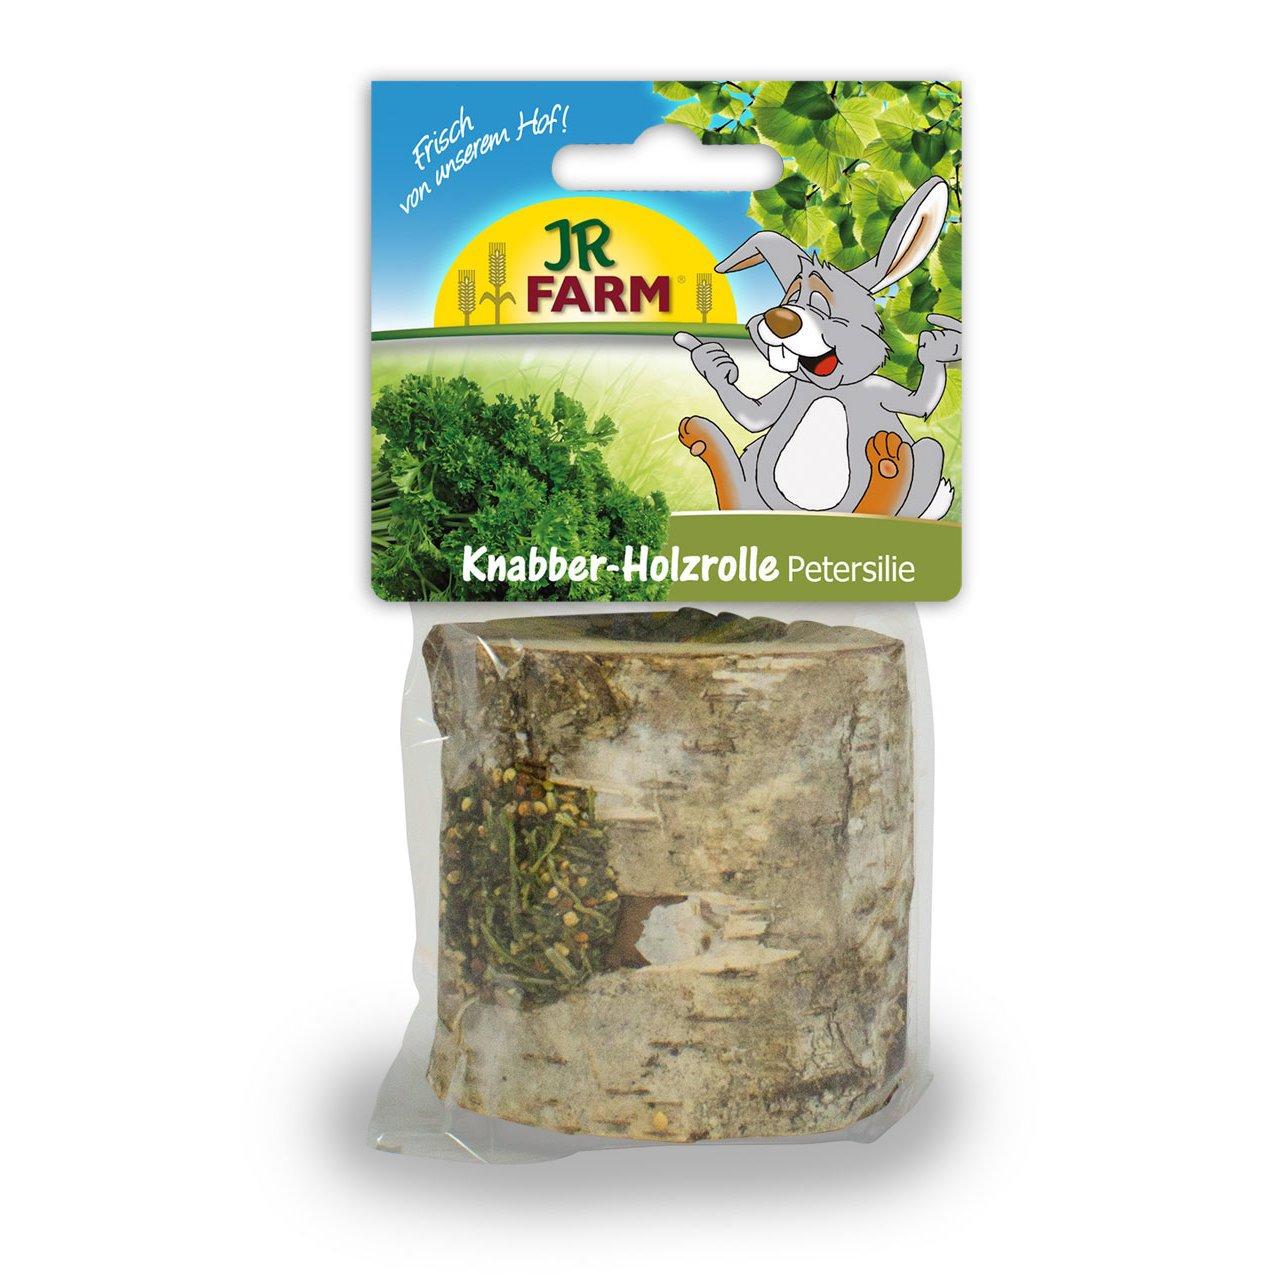 JR Farm Mr. Woodfield Knabber-Holzrolle Petersilie